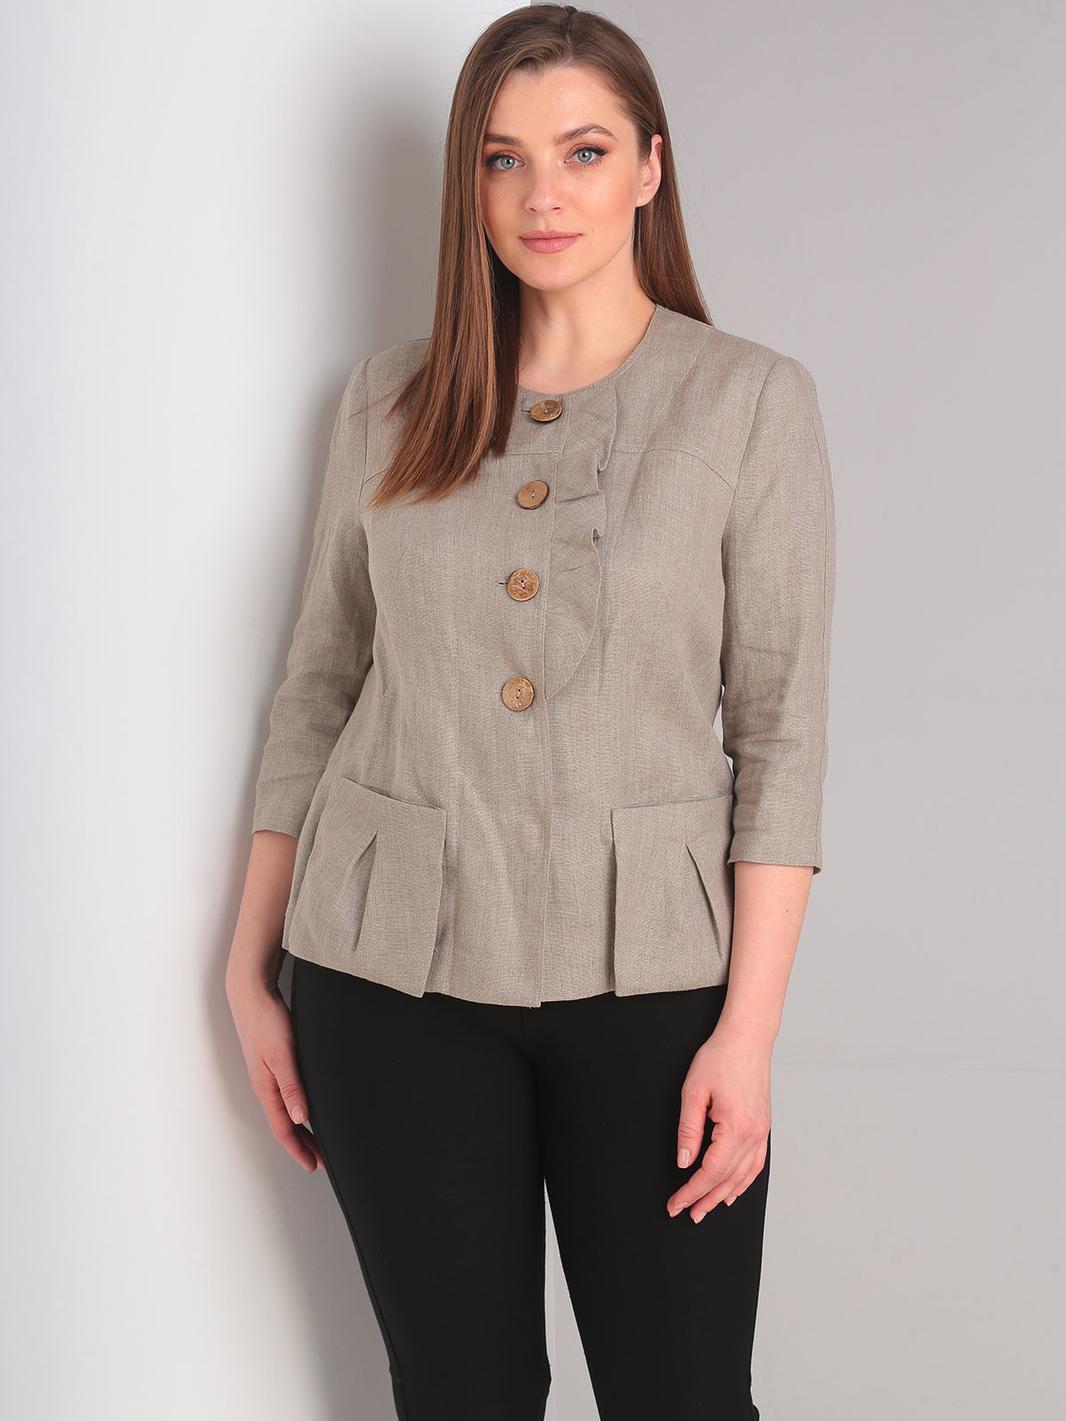 2f01068816e Купить женский пиджак. Женские пиджаки в интернет-магазине в Минске